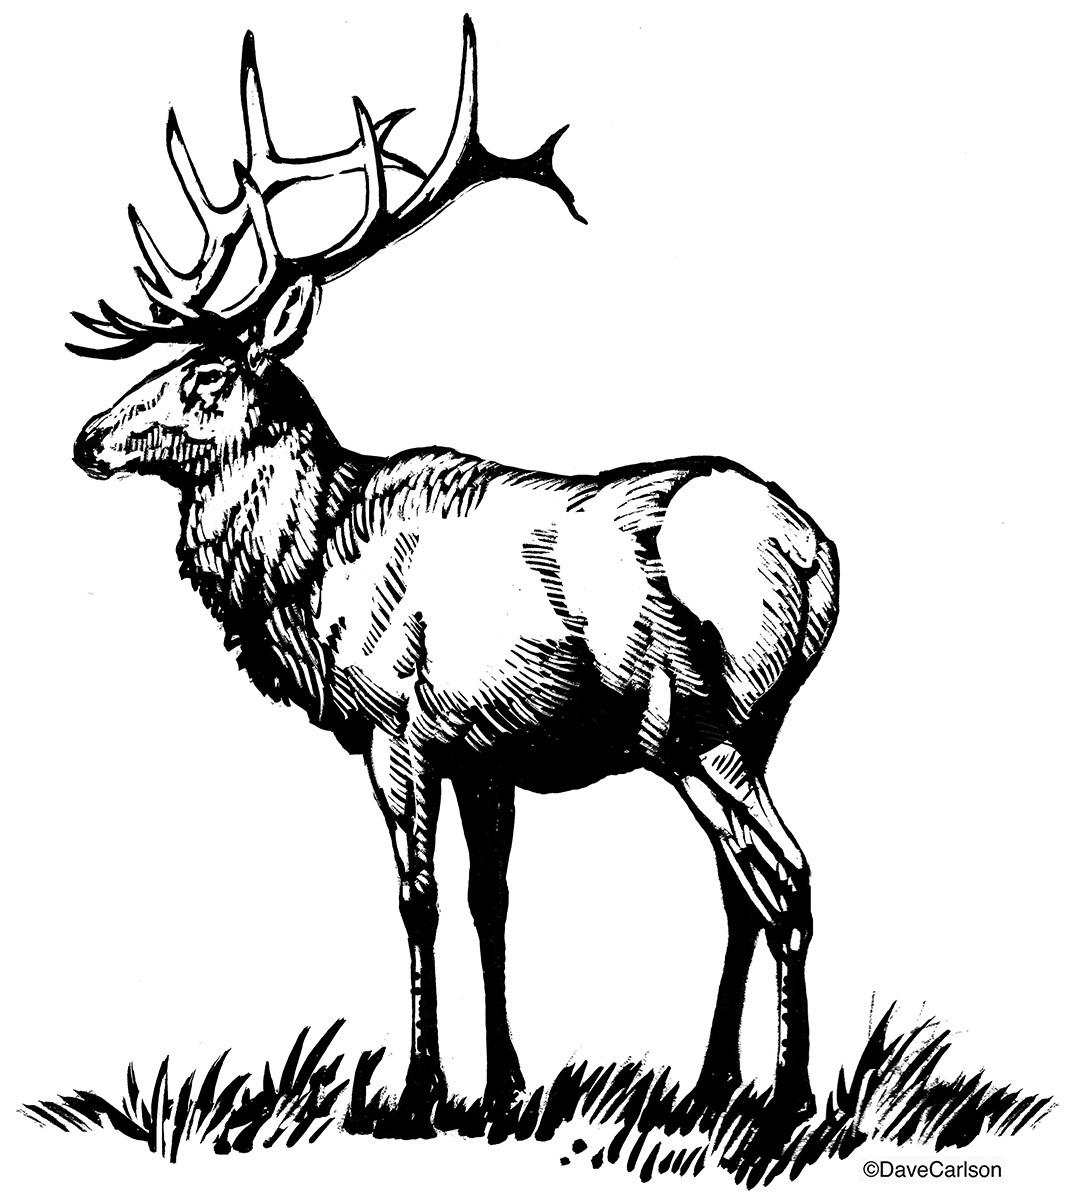 B&W, ink drawing, illustration, North American bull elk, bull elk, elk, wapiti, member of the deer family, photo